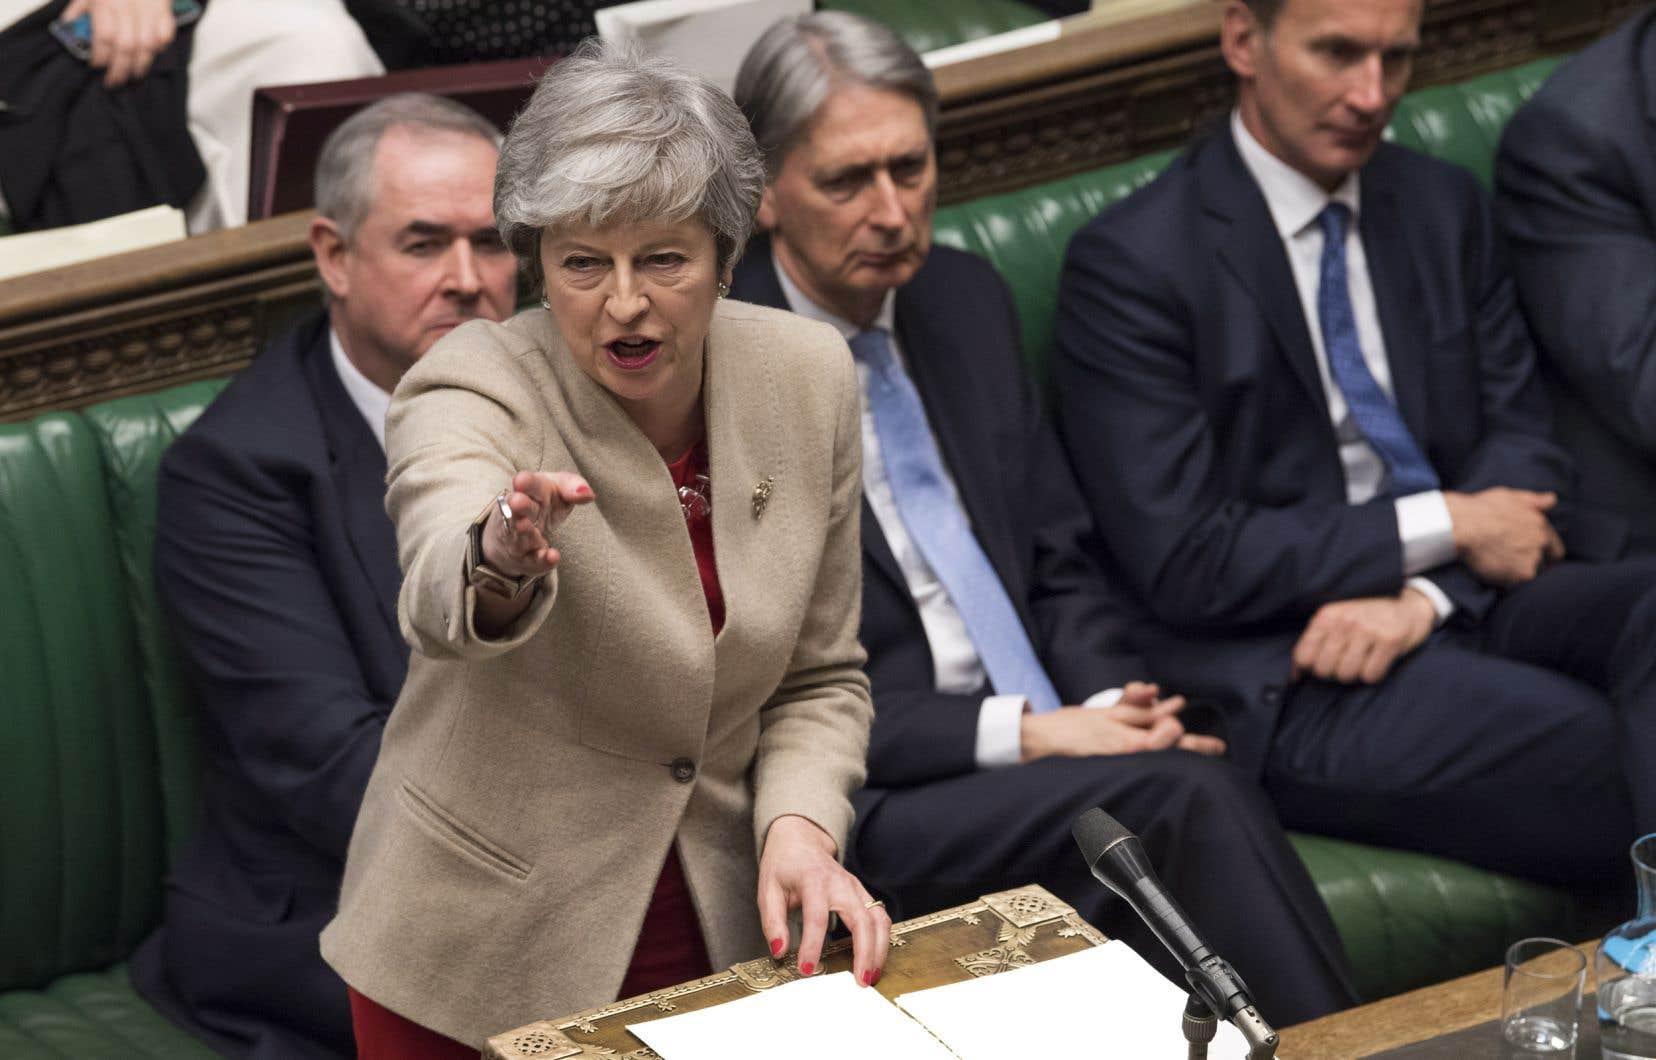 «Les conséquences de la décision de la Chambre sont graves», a indiqué la première ministre Theresa May.